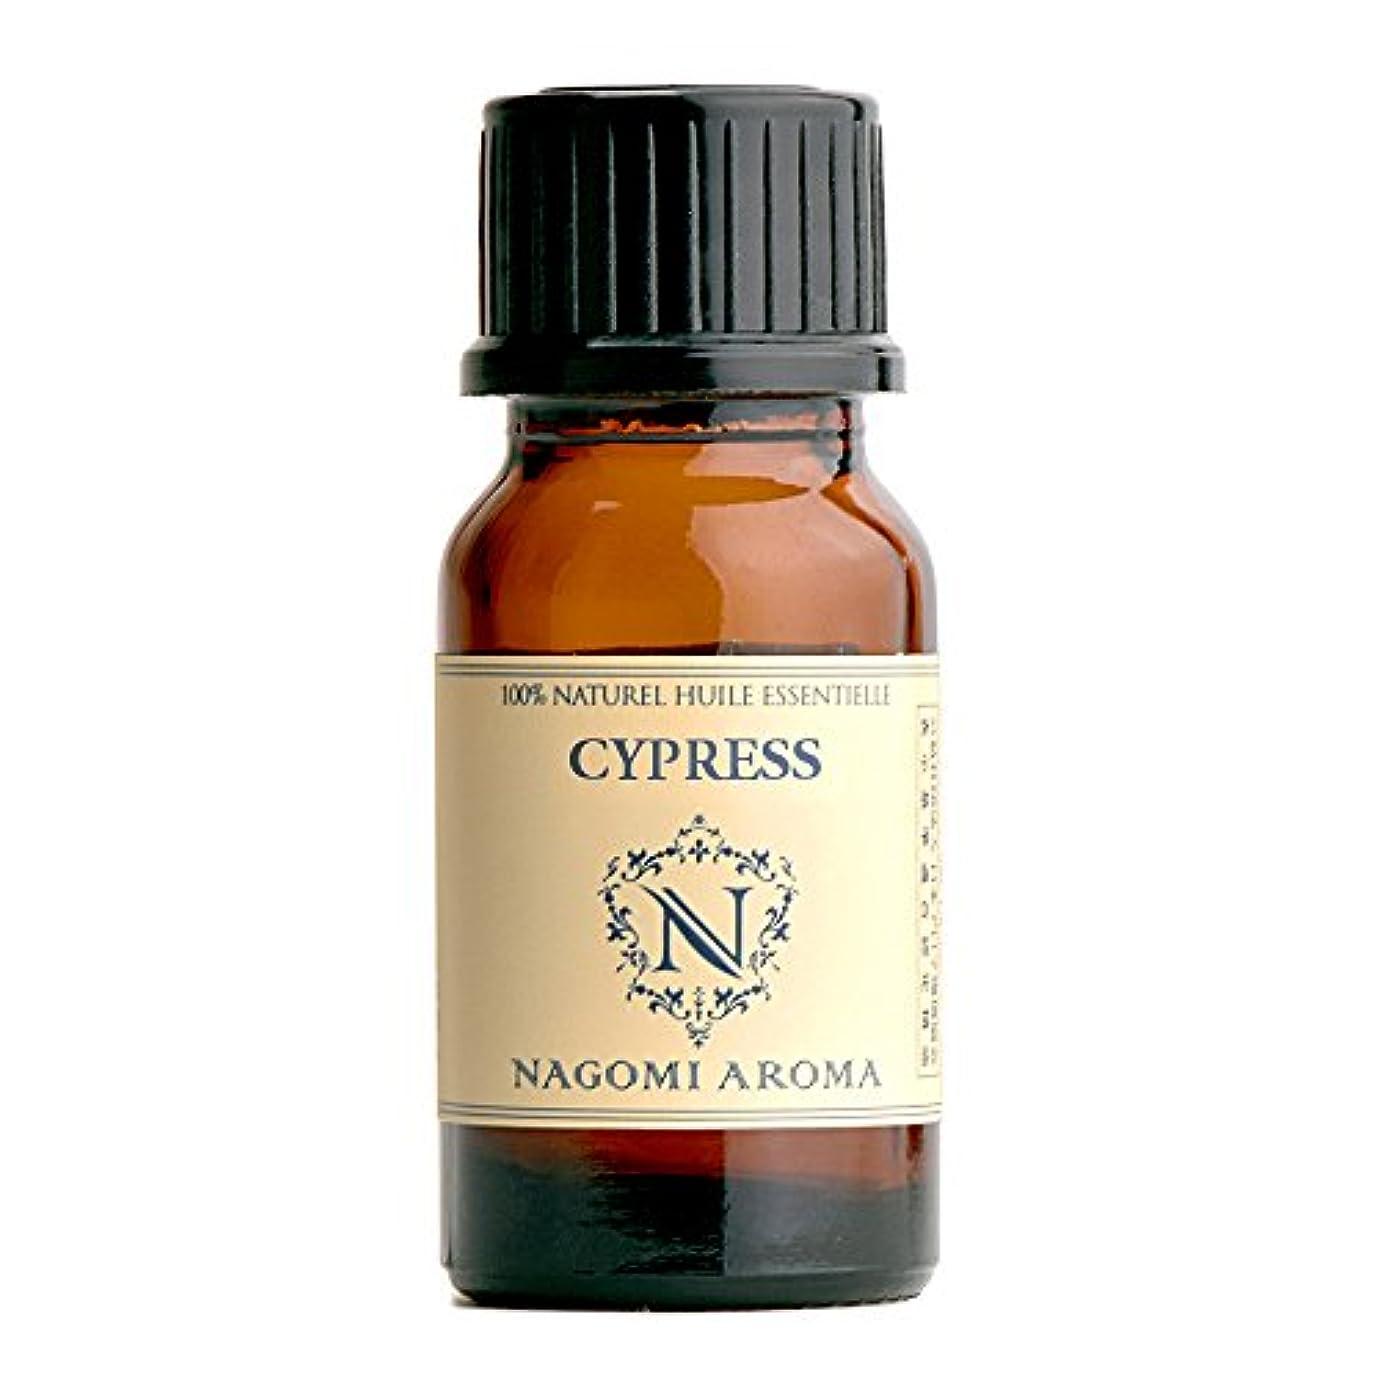 ニコチン一部役立つNAGOMI AROMA サイプレス 10ml 【AEAJ認定精油】【アロマオイル】